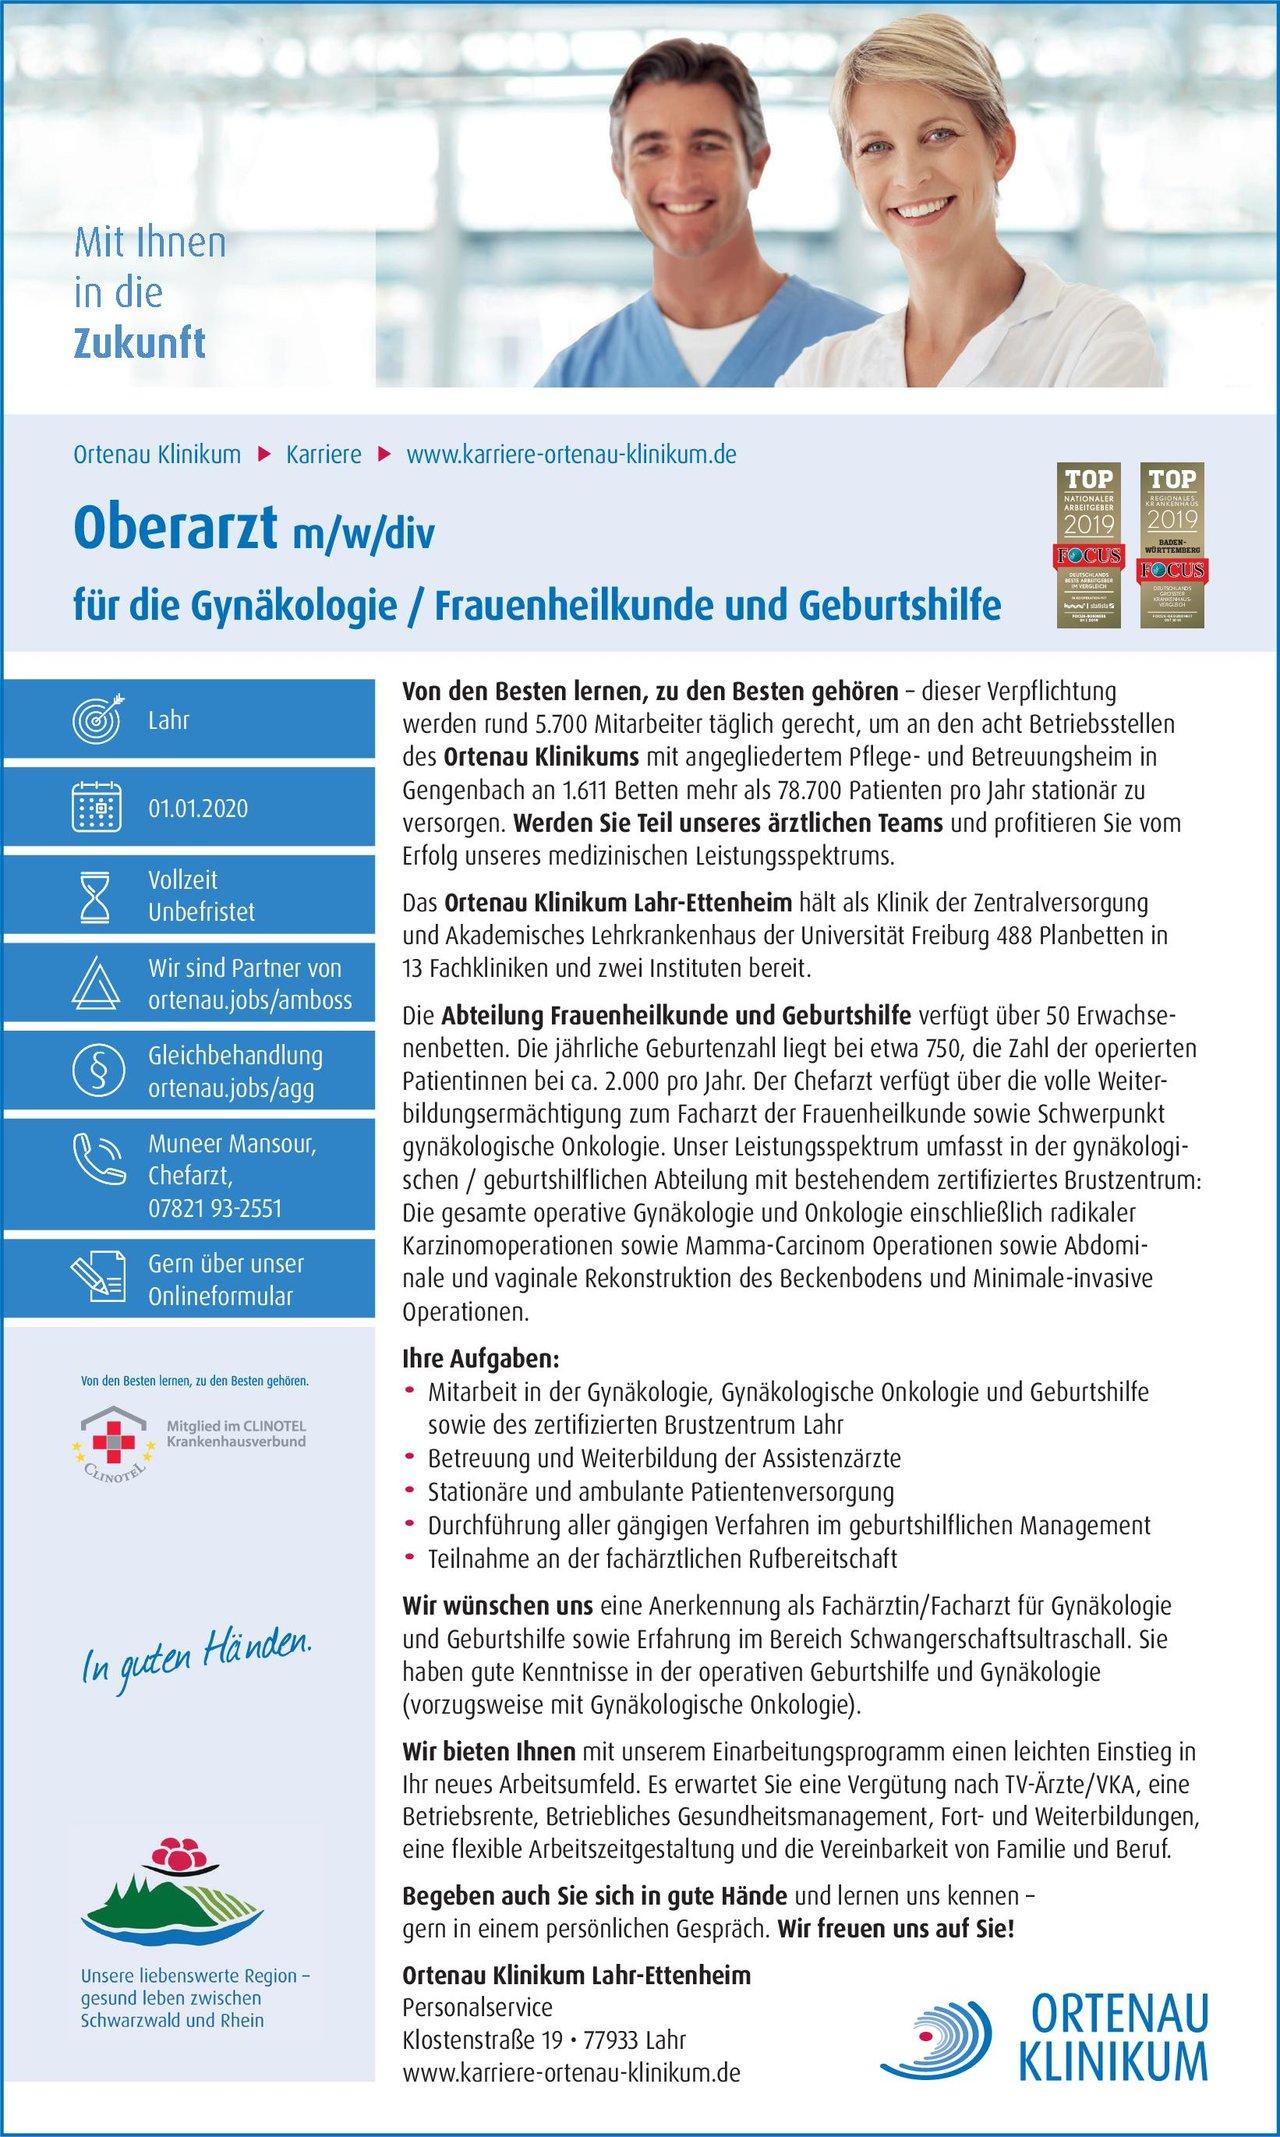 Ortenau Klinikum Lahr-Ettenheim Oberarzt m/w/div für die Gynäkologie / Frauenheilkunde und Geburtshilfe  Frauenheilkunde und Geburtshilfe, Frauenheilkunde und Geburtshilfe Oberarzt